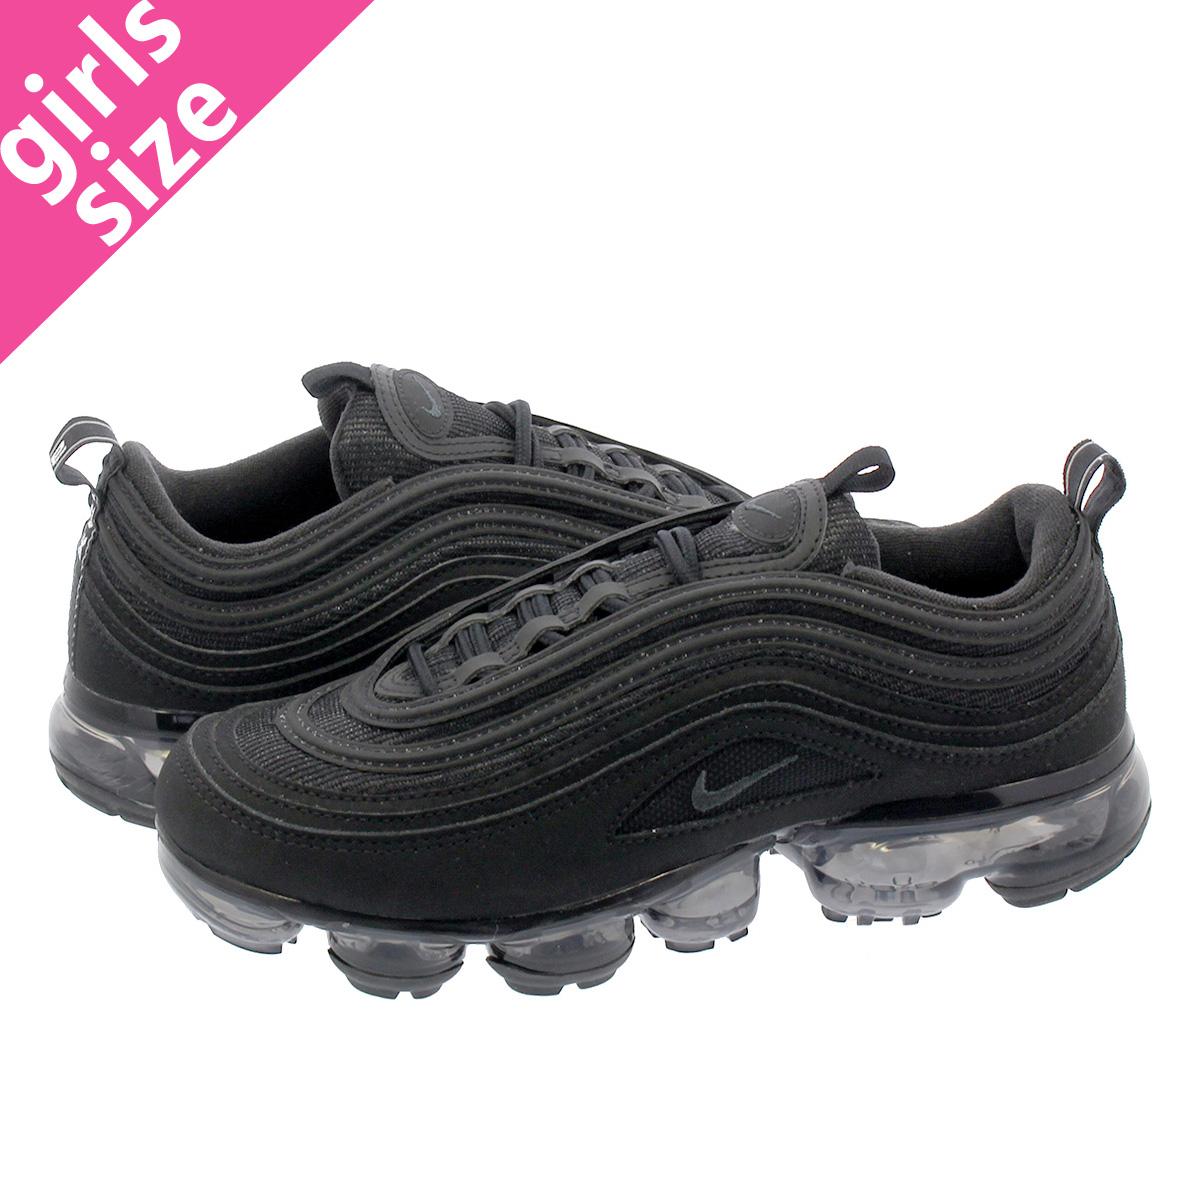 finest selection 80873 7da44 NIKE AIR VAPORMAX 97 GS Nike air vapor max 97 GS BLACK/BLACK aq2657-001